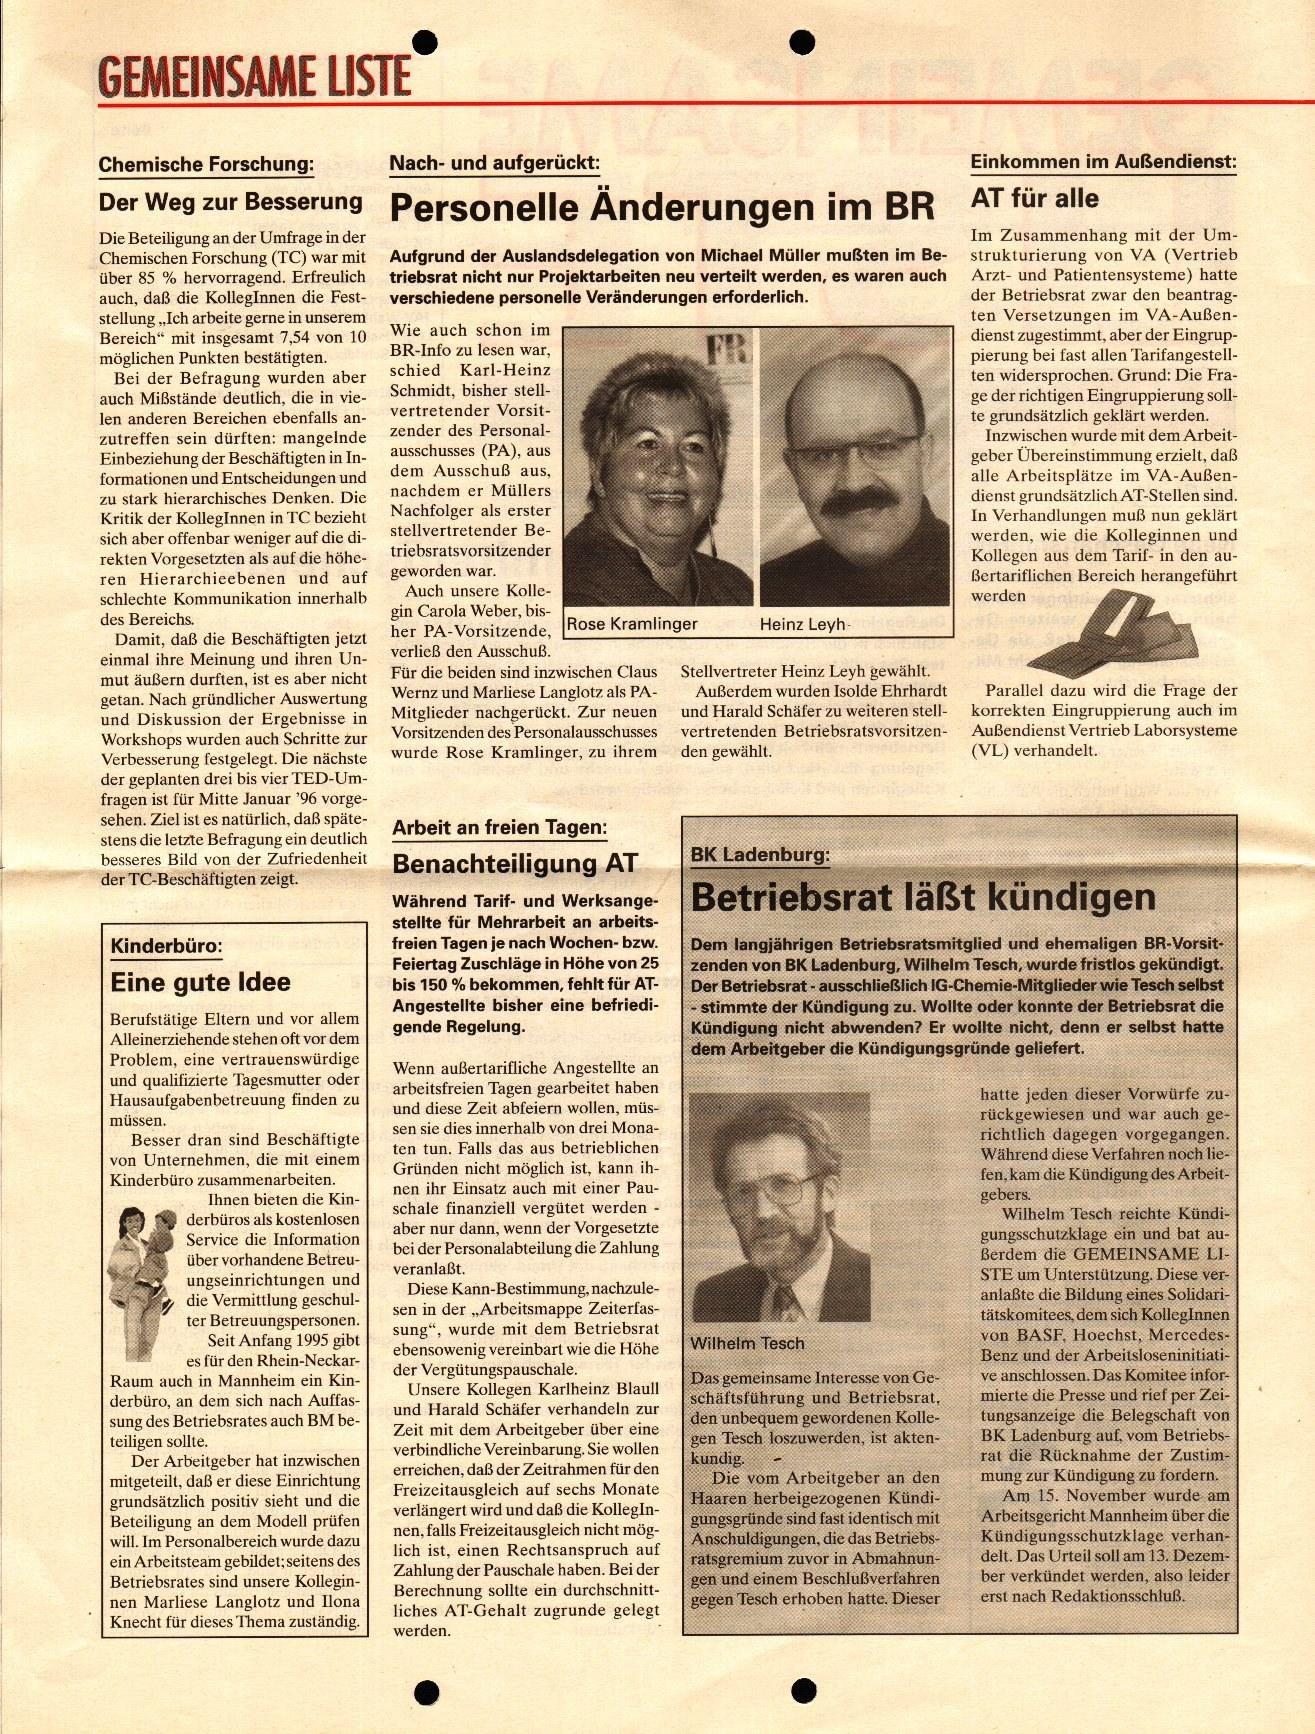 Mannheim_Boehringer_Gemeinsame_Liste_1995_04_02